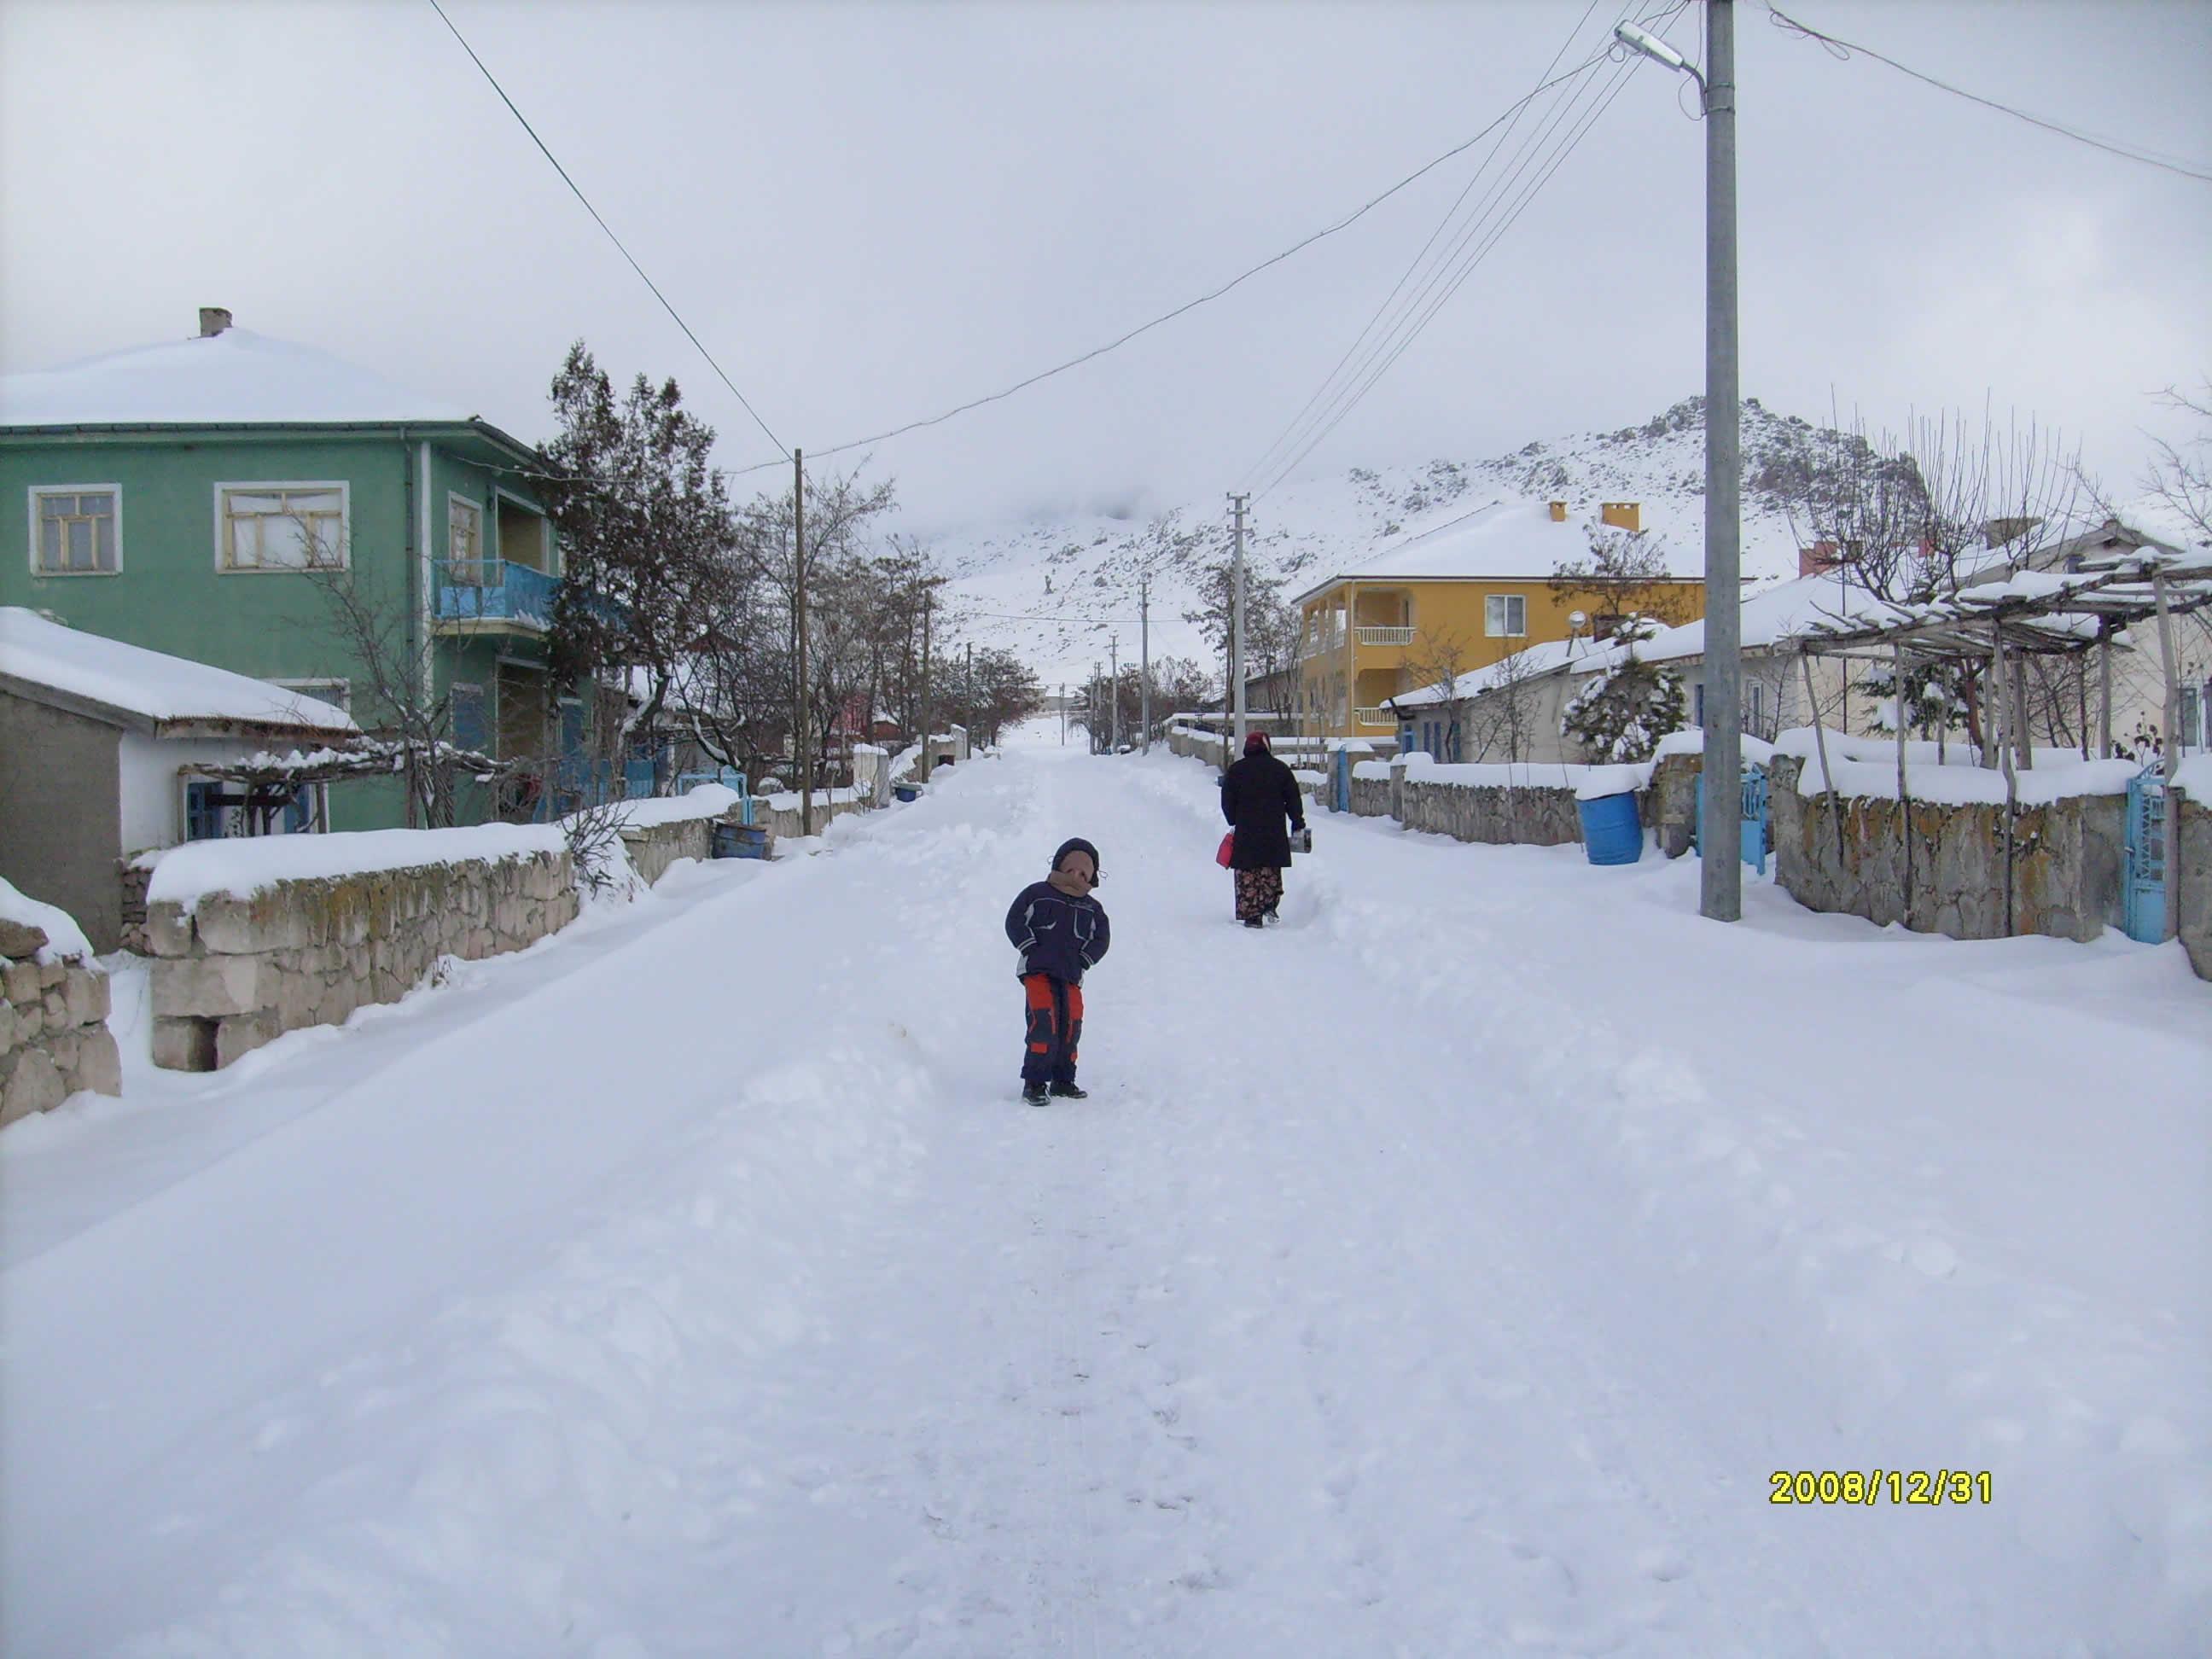 kemerkayada kış ve çocuk